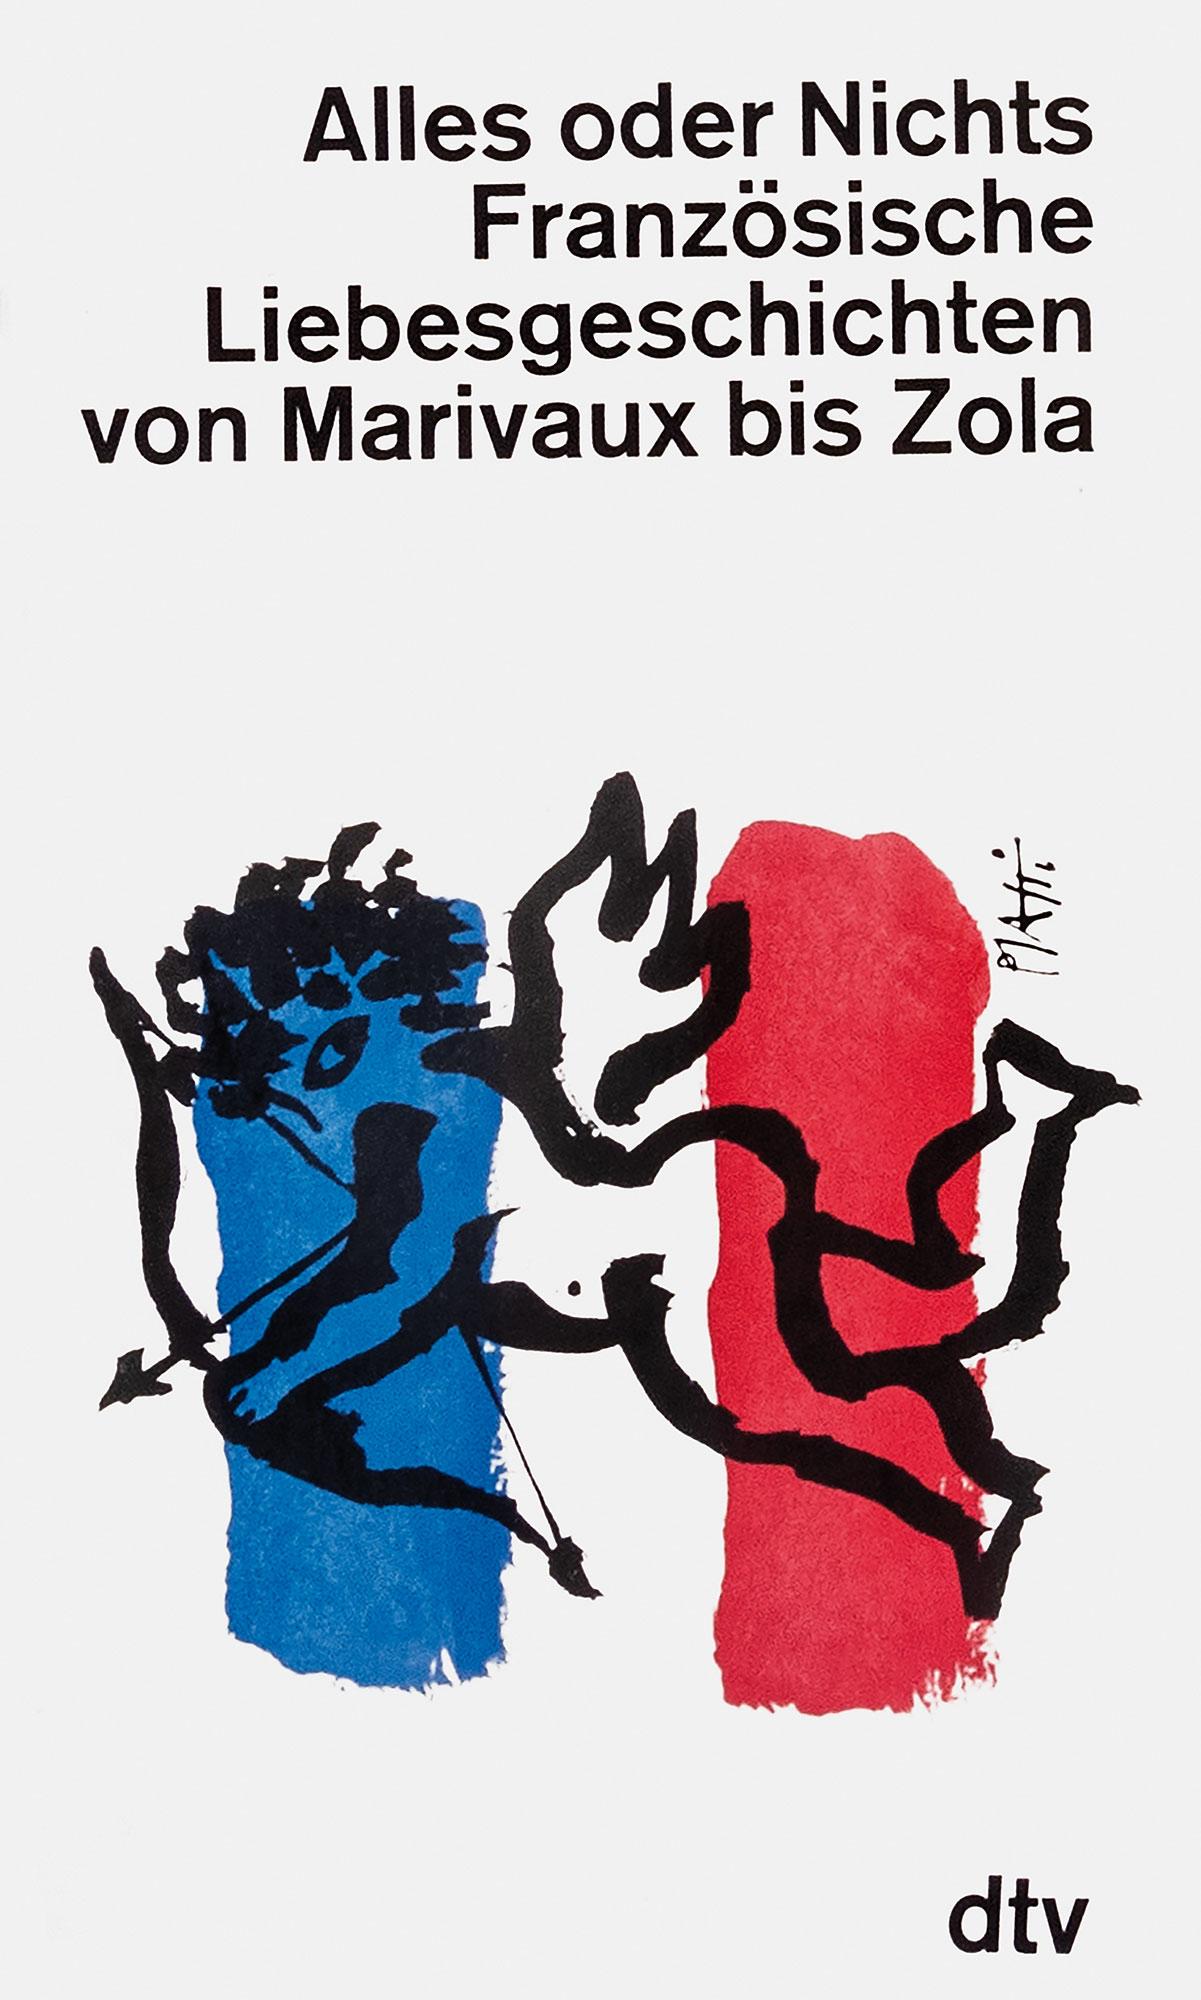 dtv-Umschlag, 1963